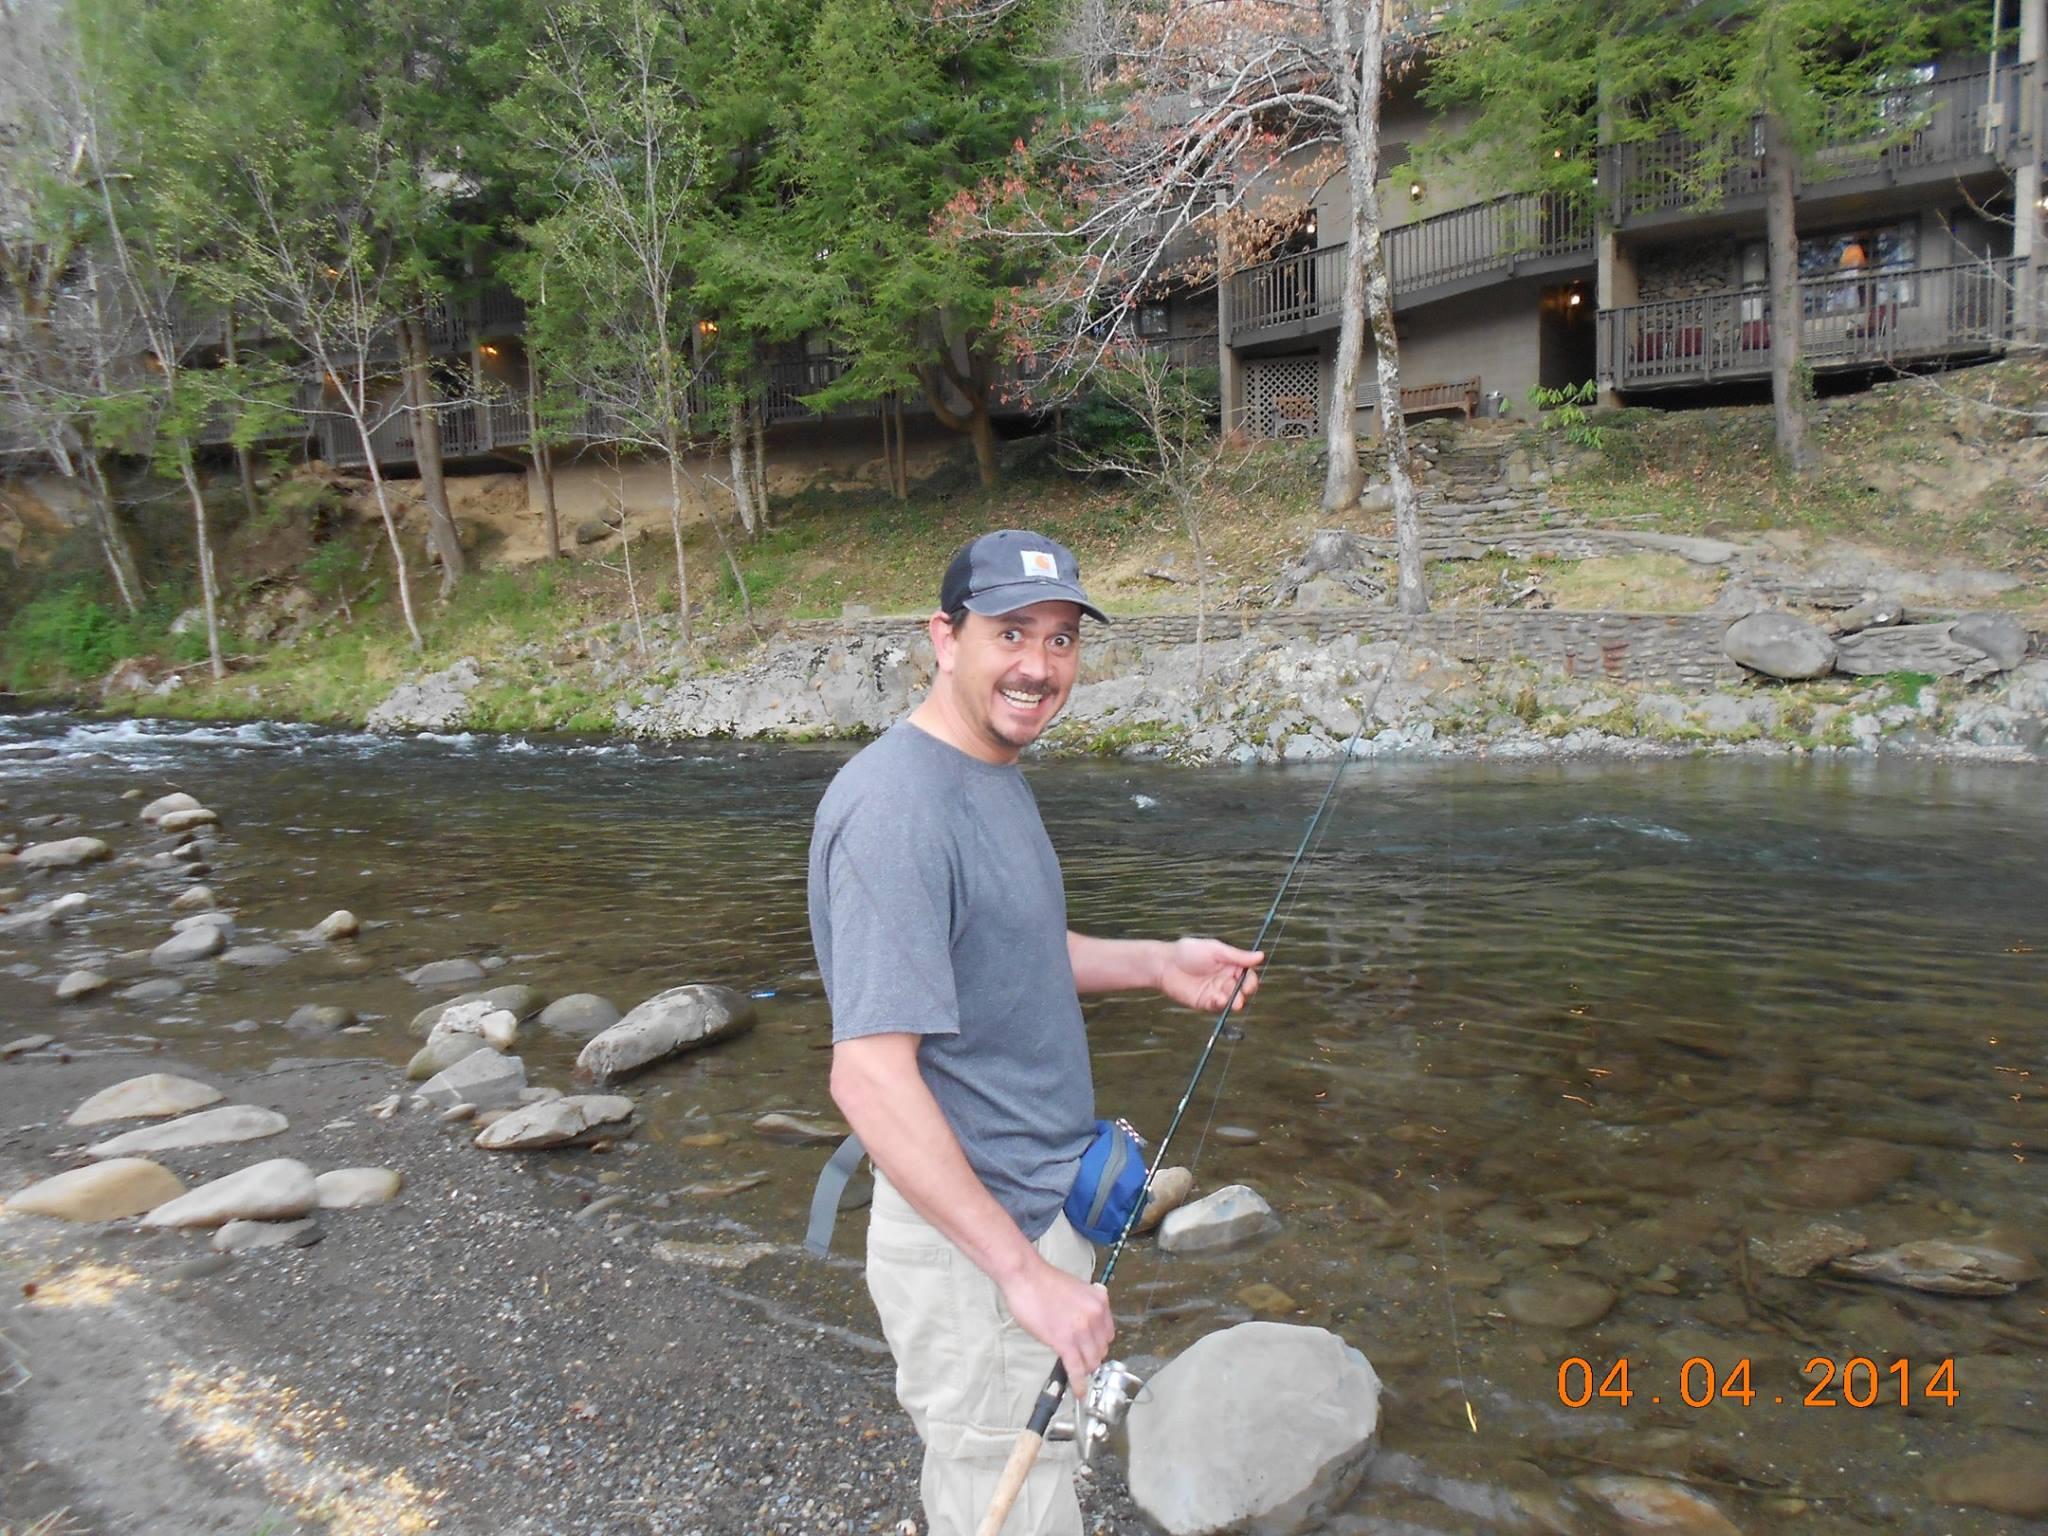 bro... fishin'